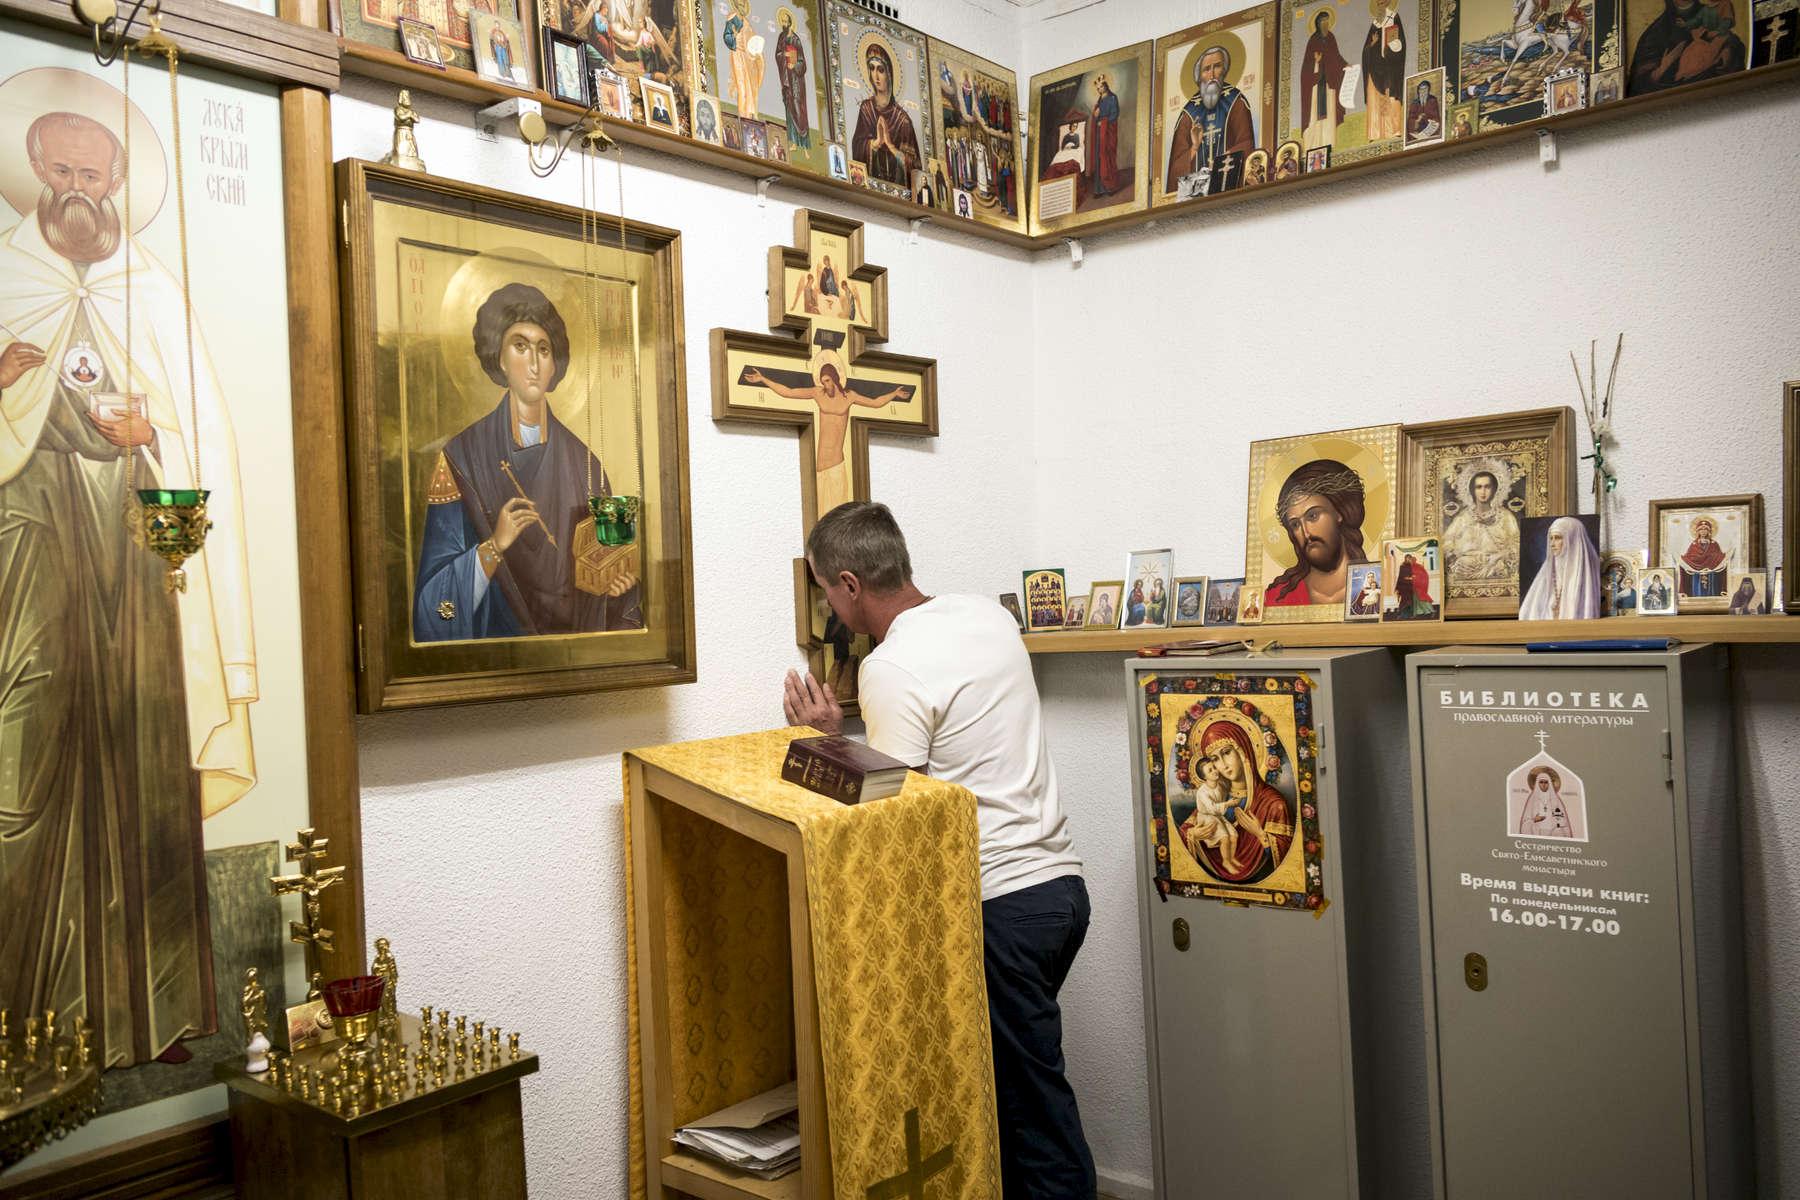 Avant j'allais à l'église, mais pas tant que ca. Vous savez, quand vous devenez malade, cela vous raproche de dieu. Gregory dans la chapelle de l'Institut. Il s'occupe de l'ouvrir et la fermer tous les jours pour les autres patients. Institut Républicain de la TB, Minsk, Bielorussie, 2018